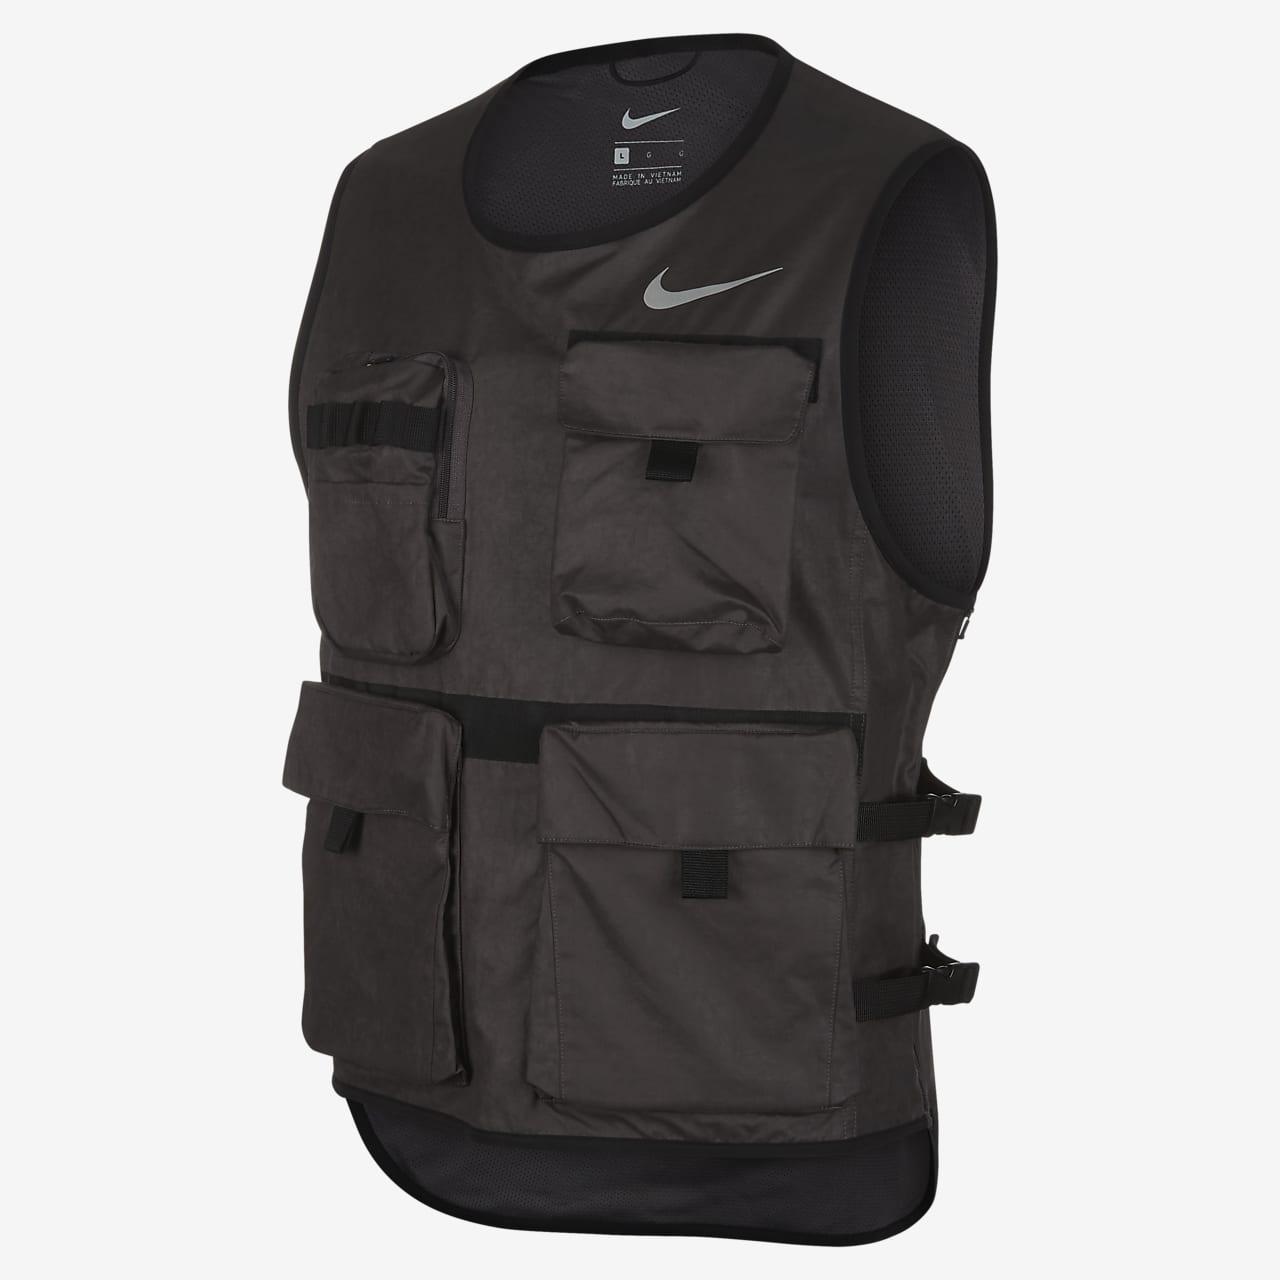 Nike Run 男子跑步马甲